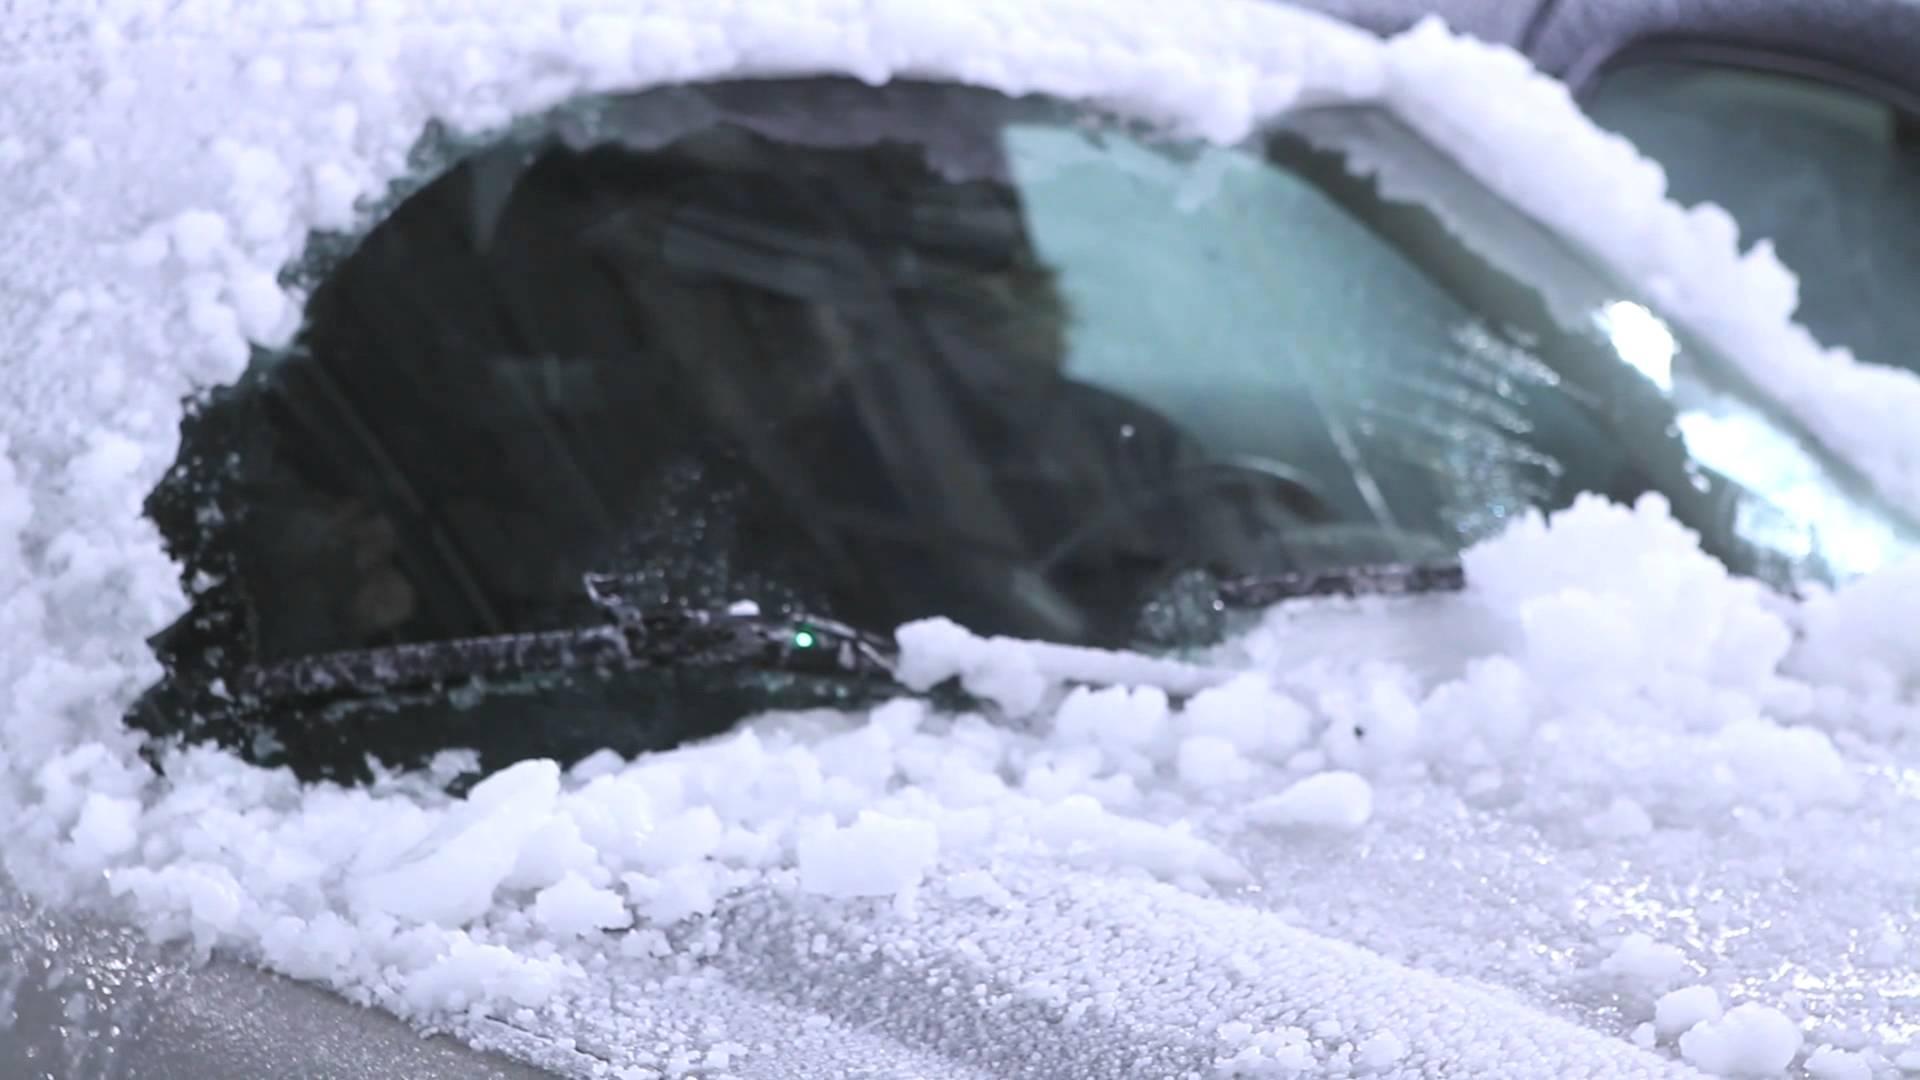 Как ухаживать за дворниками и стеклами автомобиля зимой